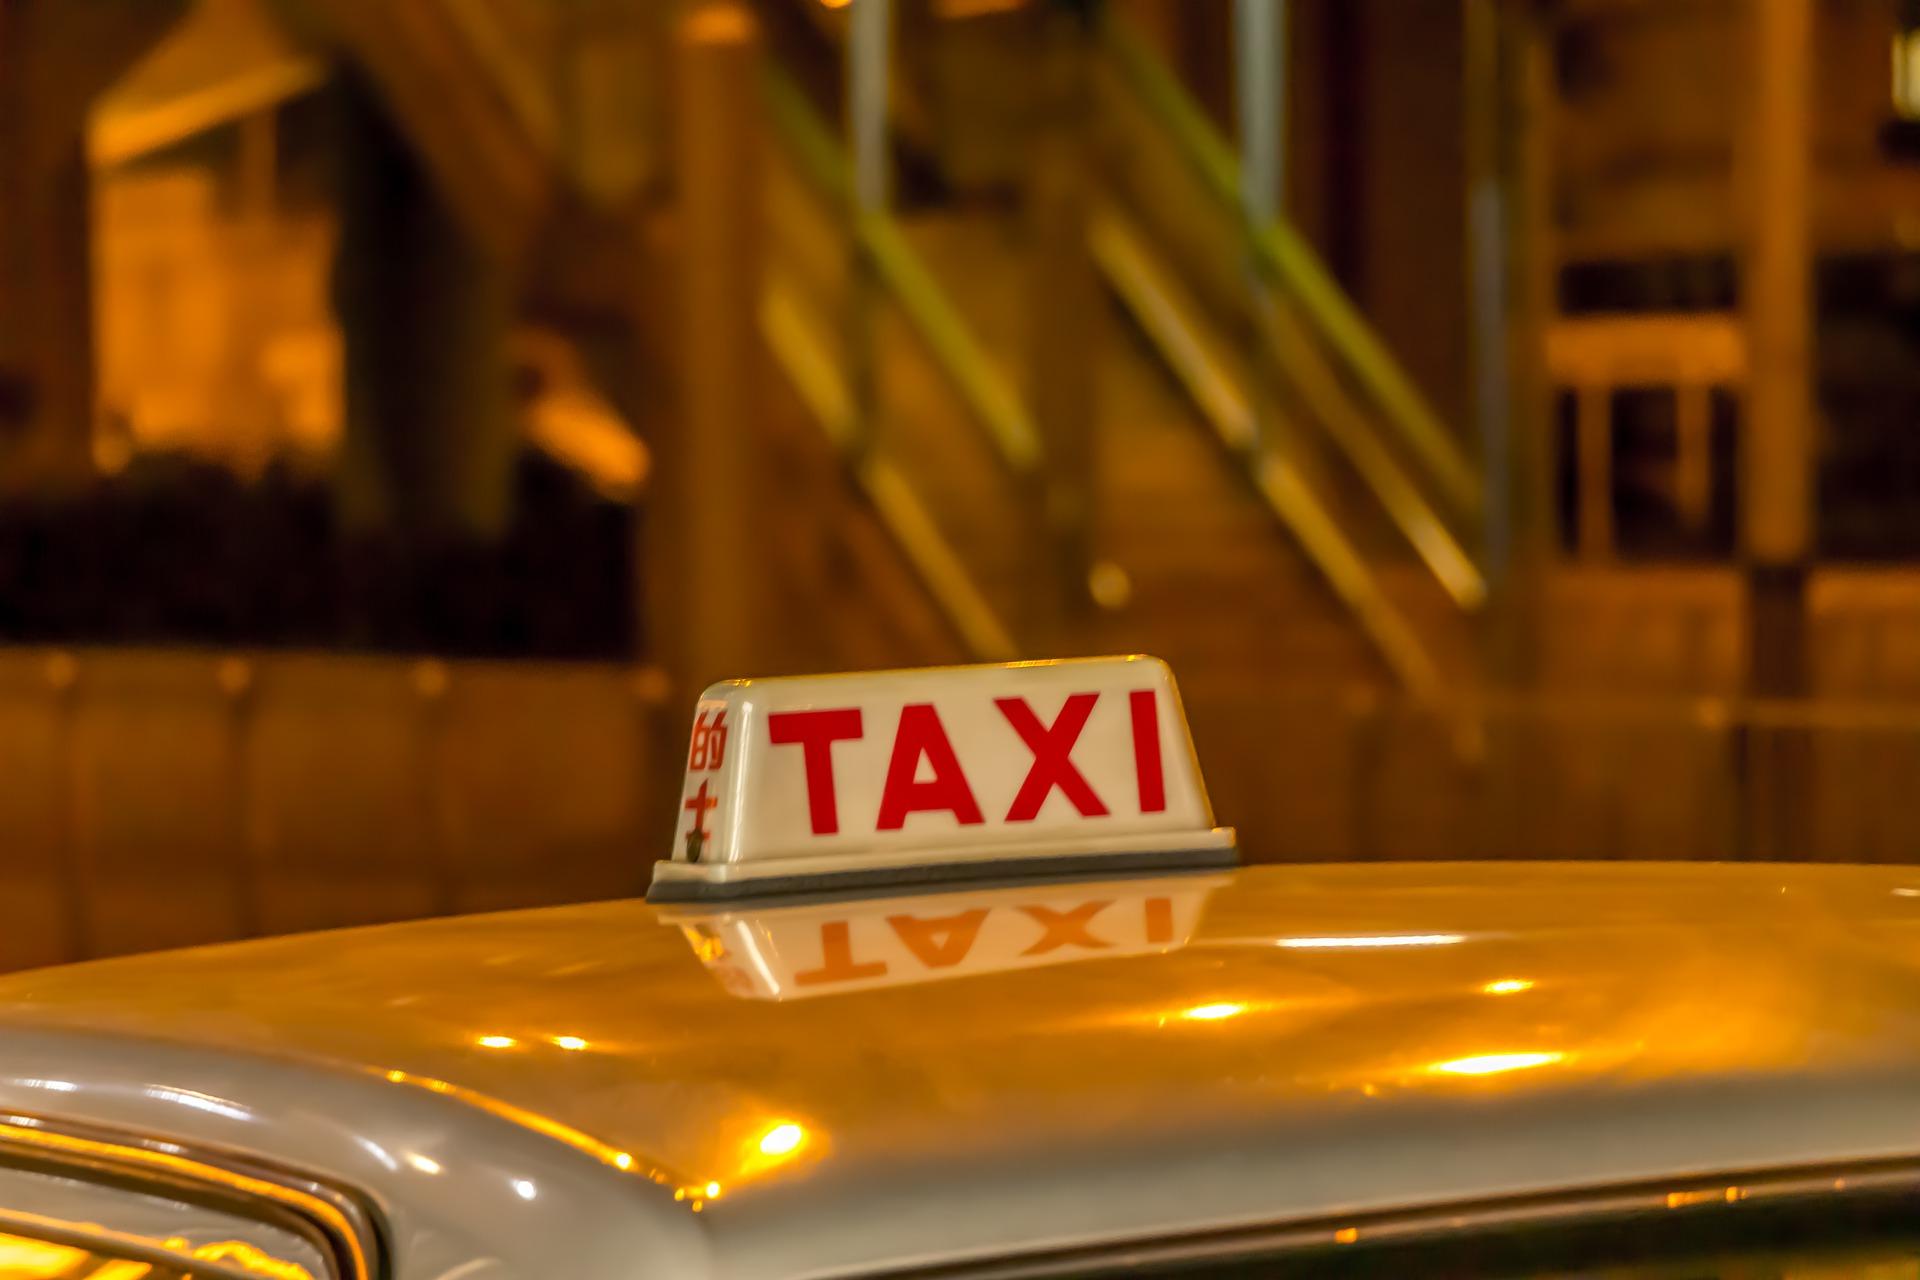 הכדאיות בסגירת מונית לשדה תעופה מראש